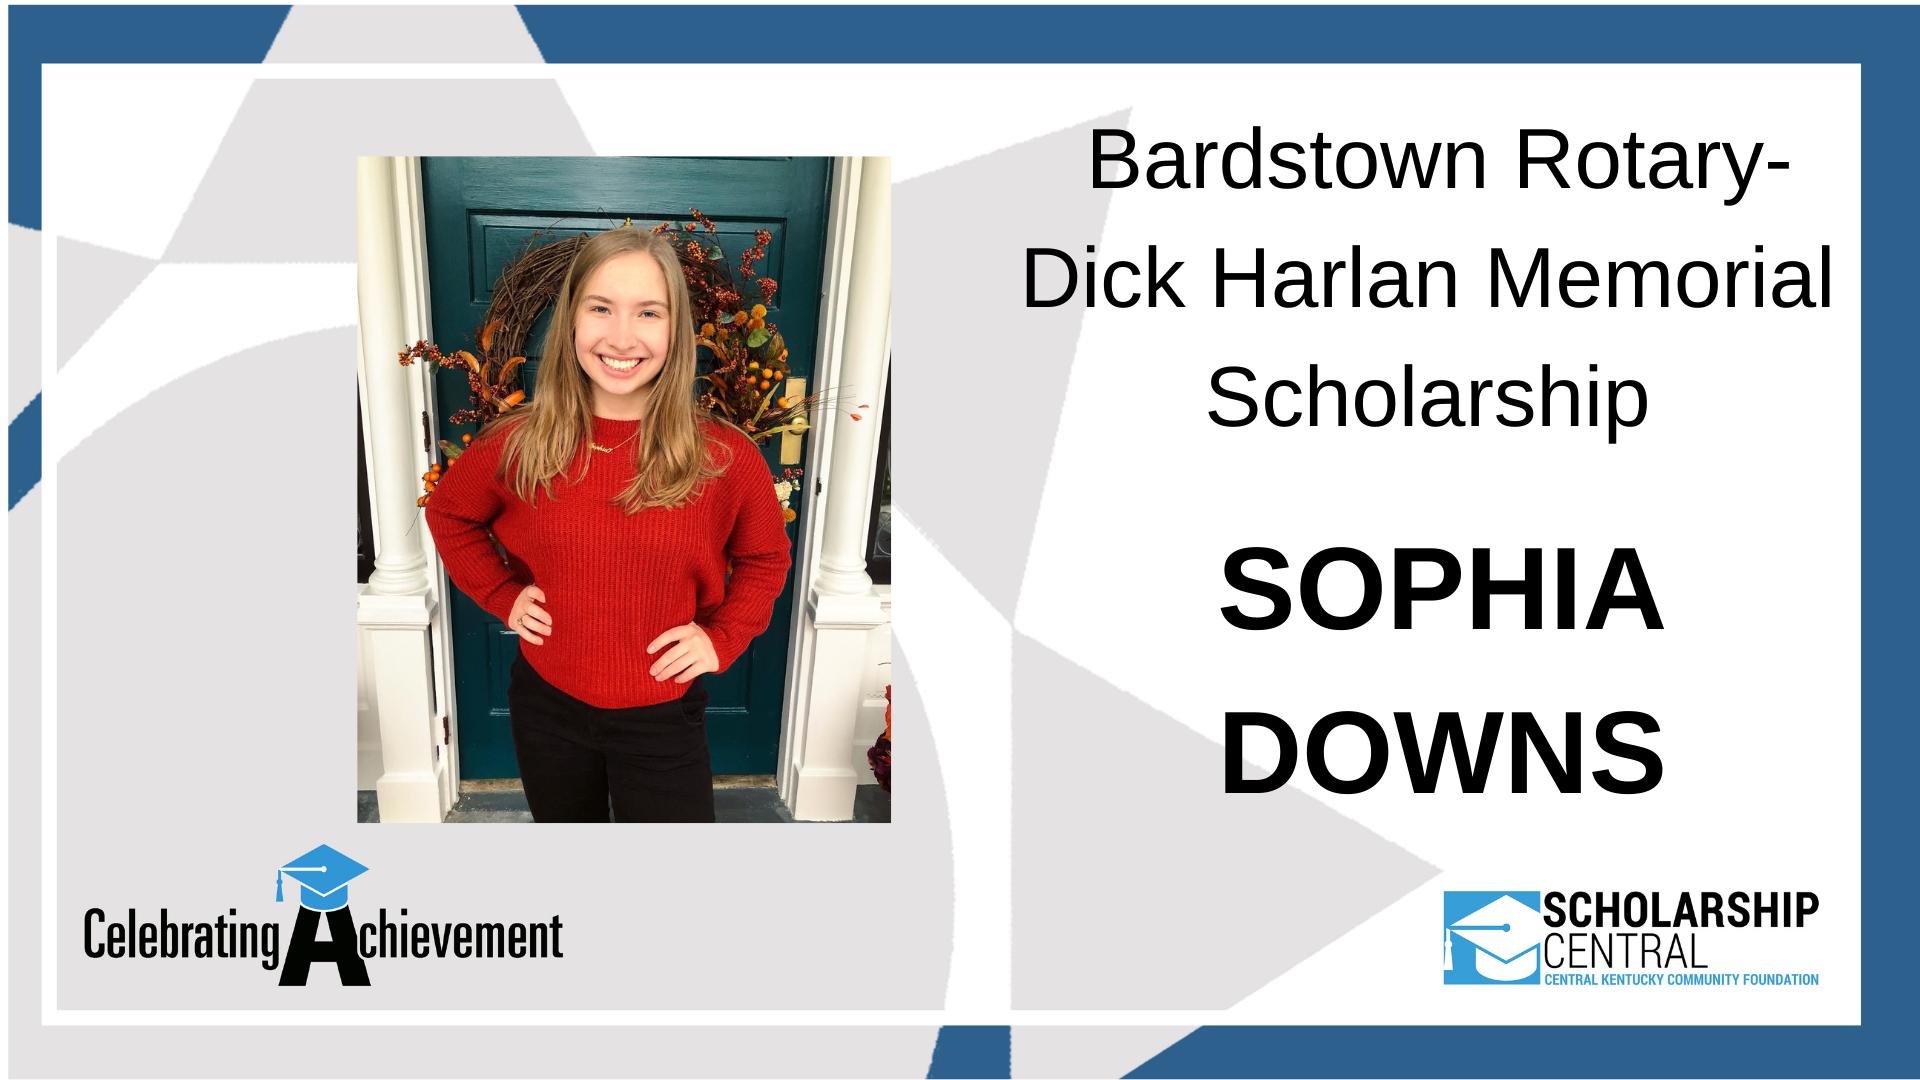 Bardstown Rotary Dick Harlan Memorial Scholarship Winner